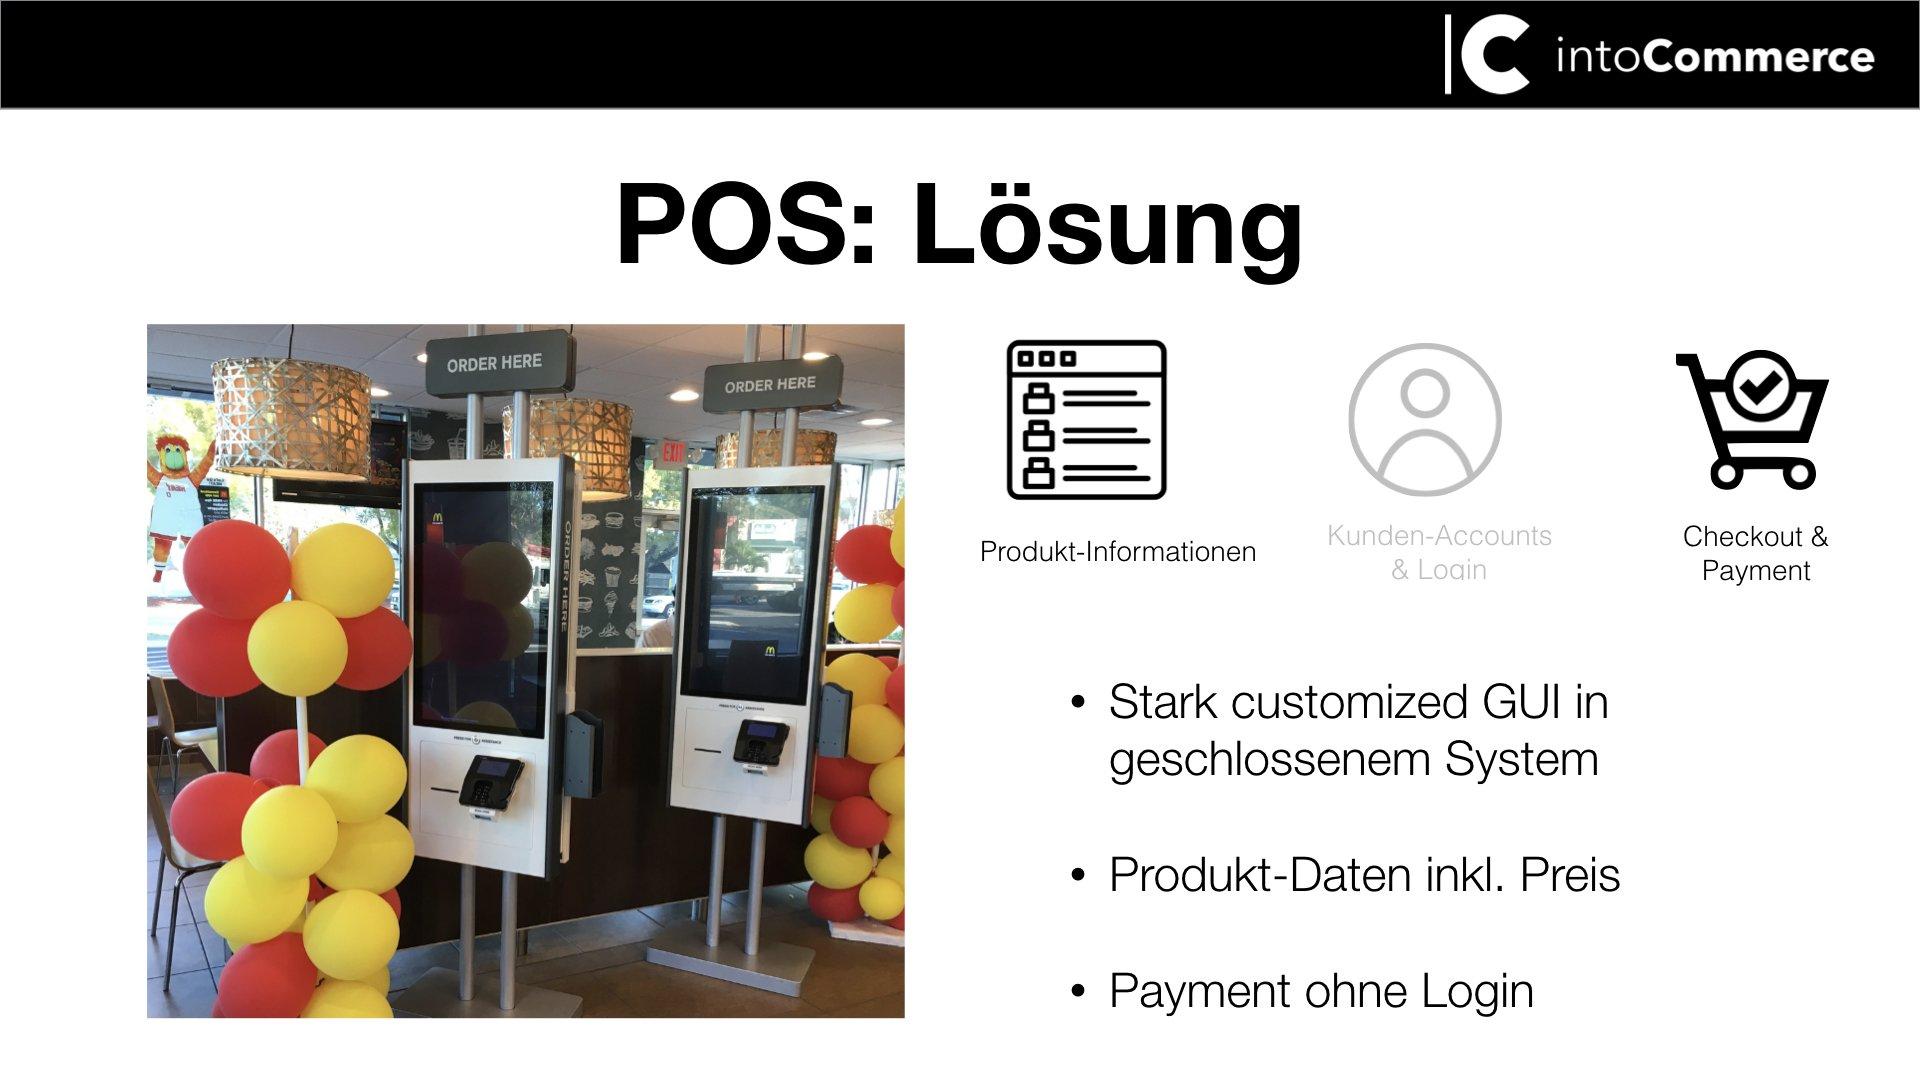 bestellstationen in Fast food Läden mit Schrift POS Lösung